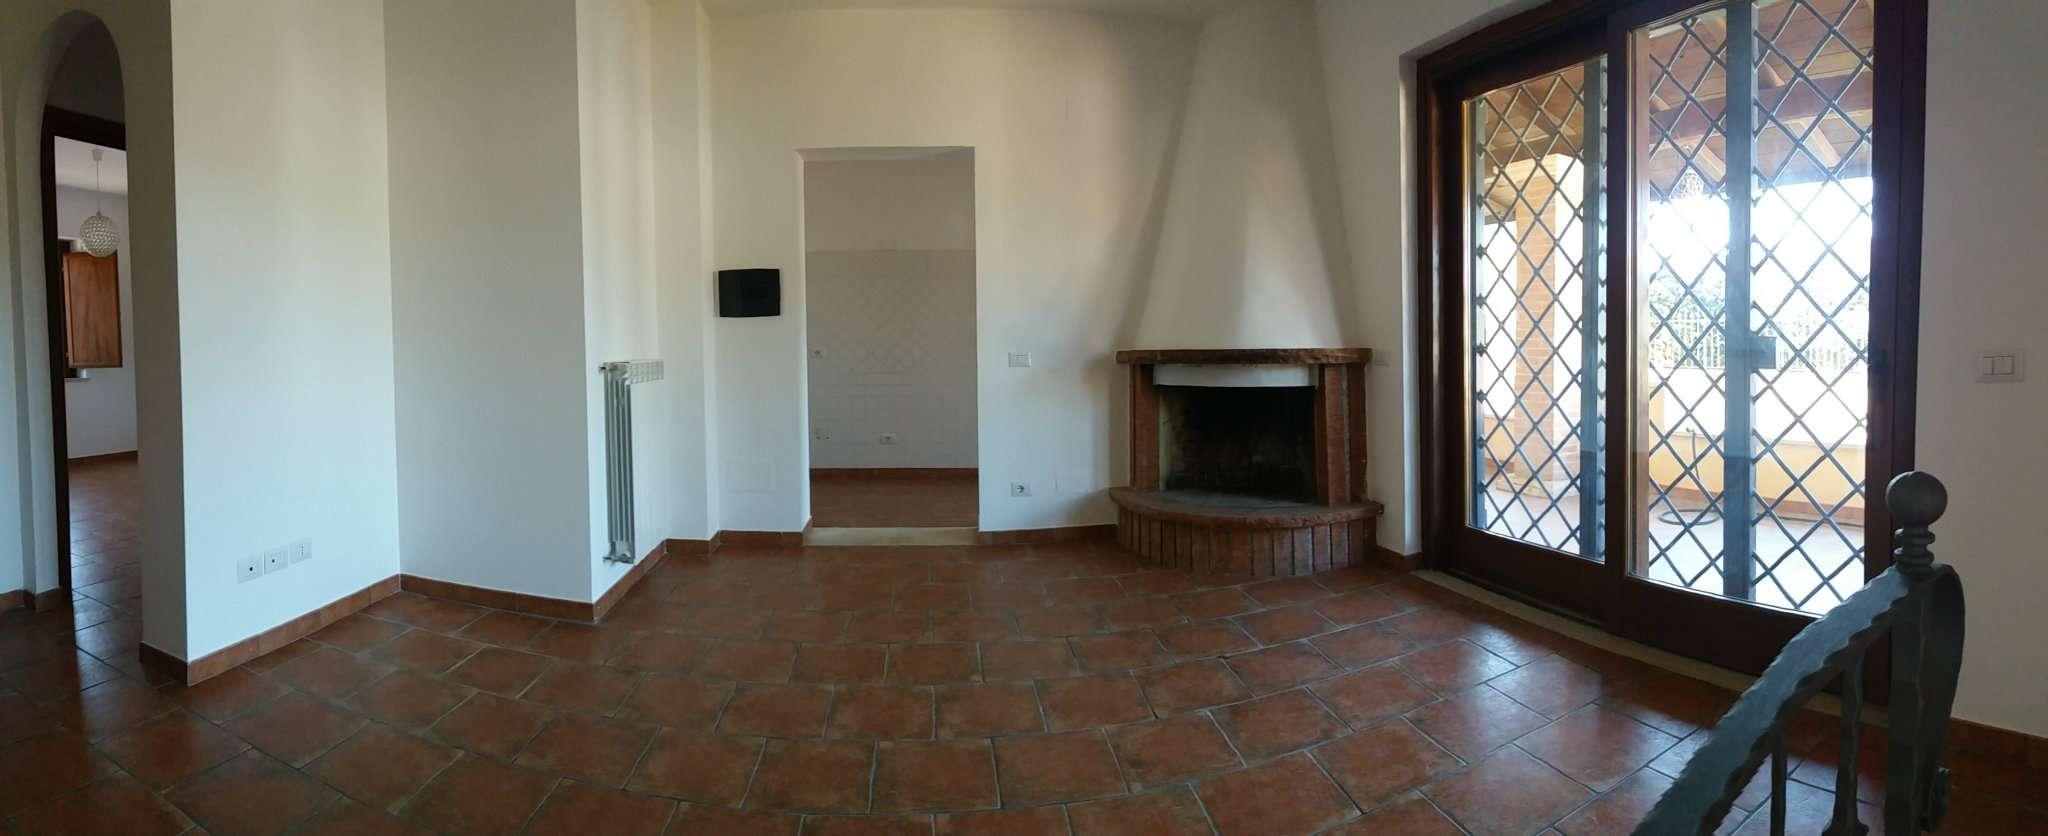 Villa a Schiera in vendita a Roma, 6 locali, zona Zona: 38 . Acilia, Vitinia, Infernetto, Axa, Casal Palocco, Madonnetta, prezzo € 285.000 | CambioCasa.it